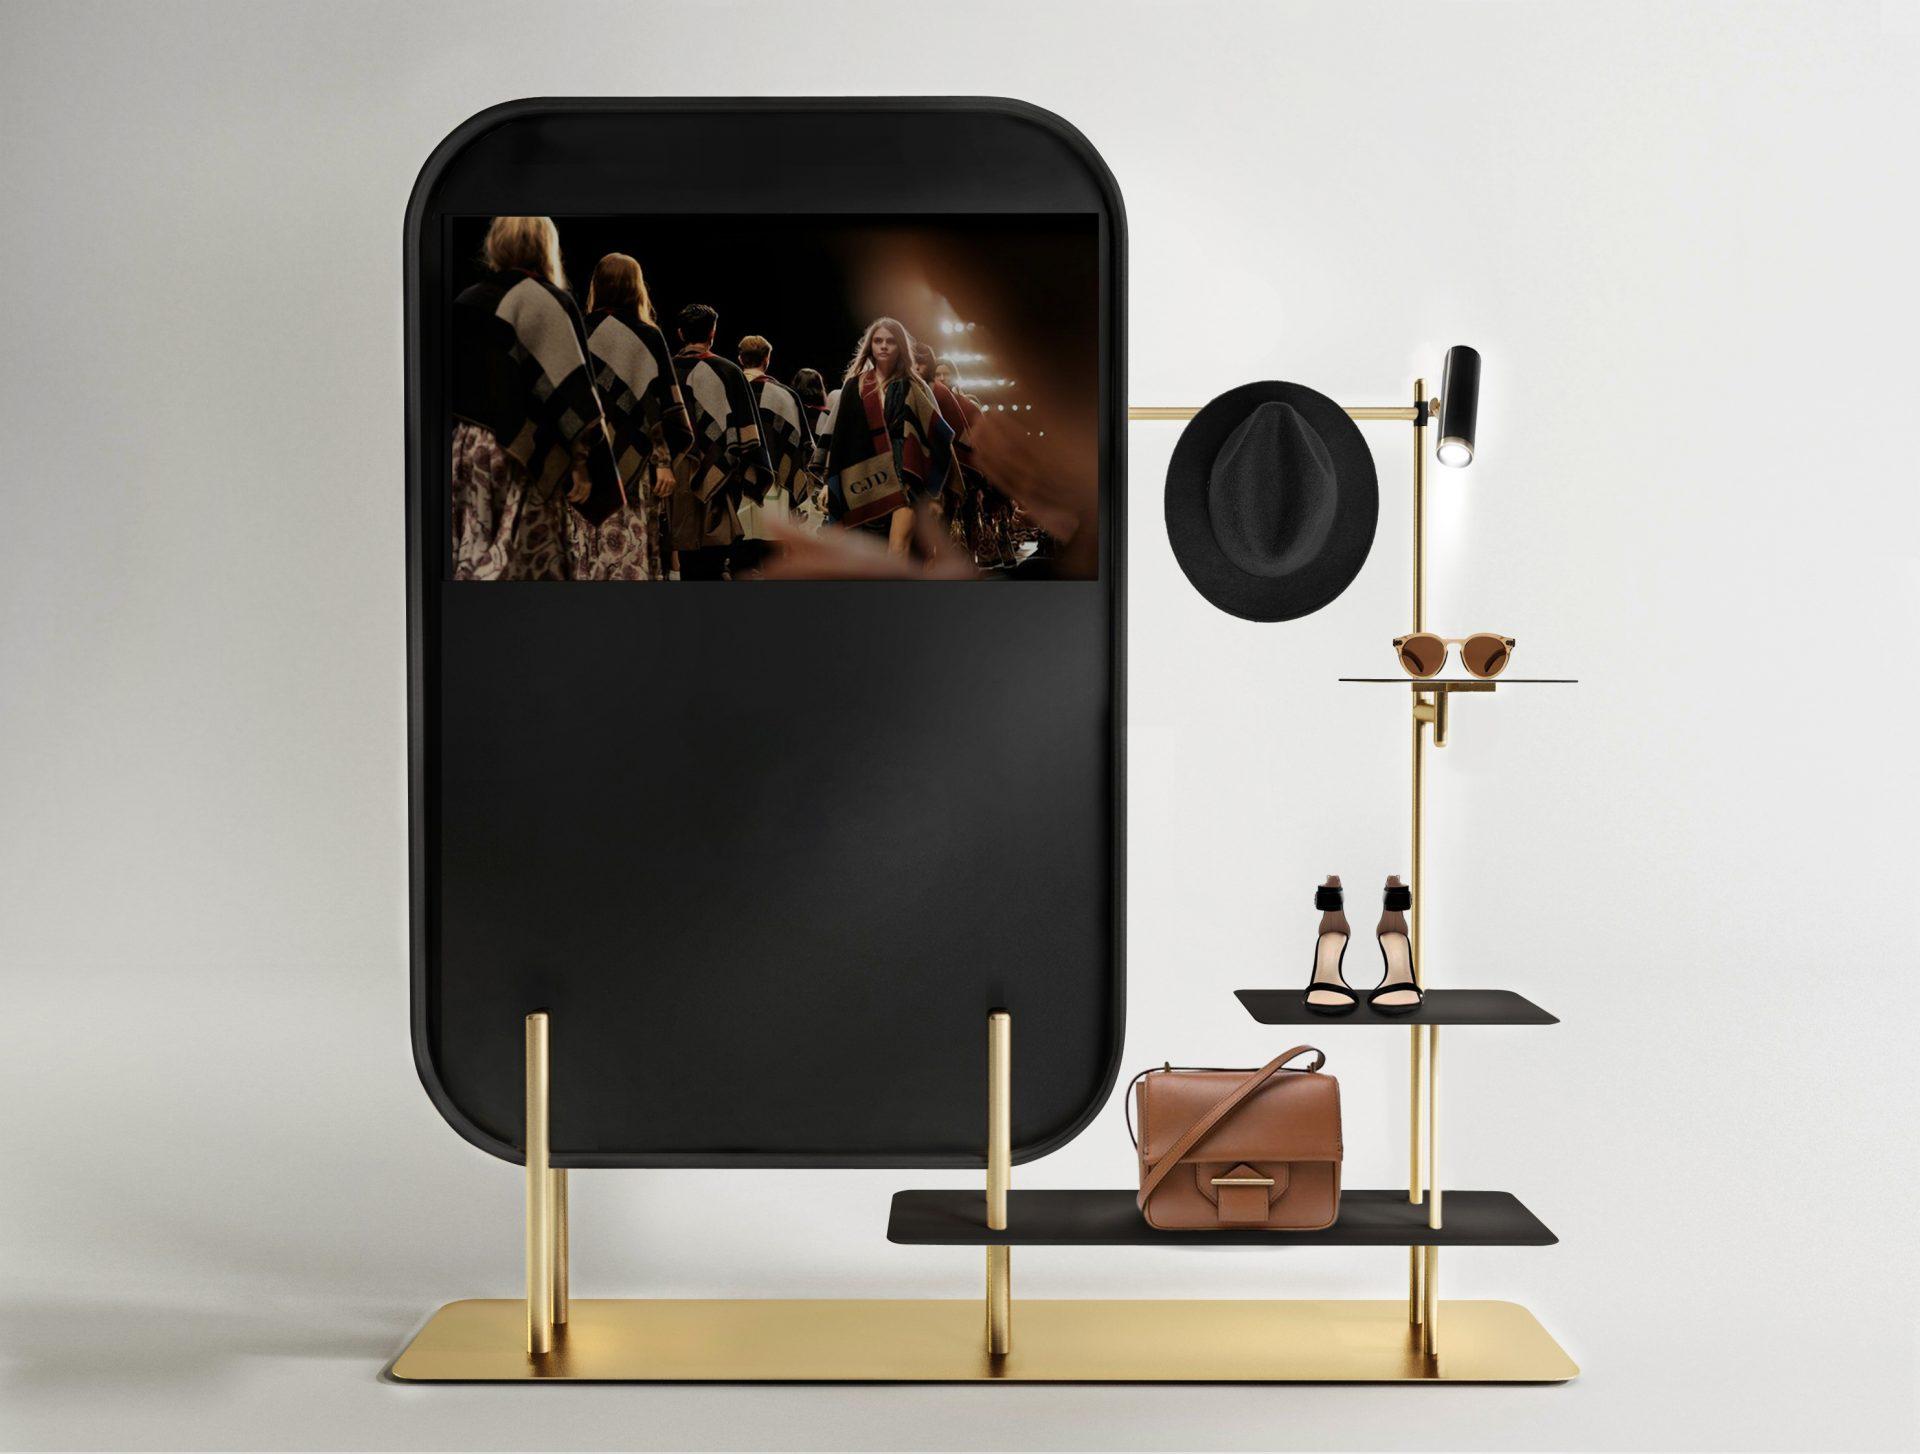 Monnalisa - Totem of Design